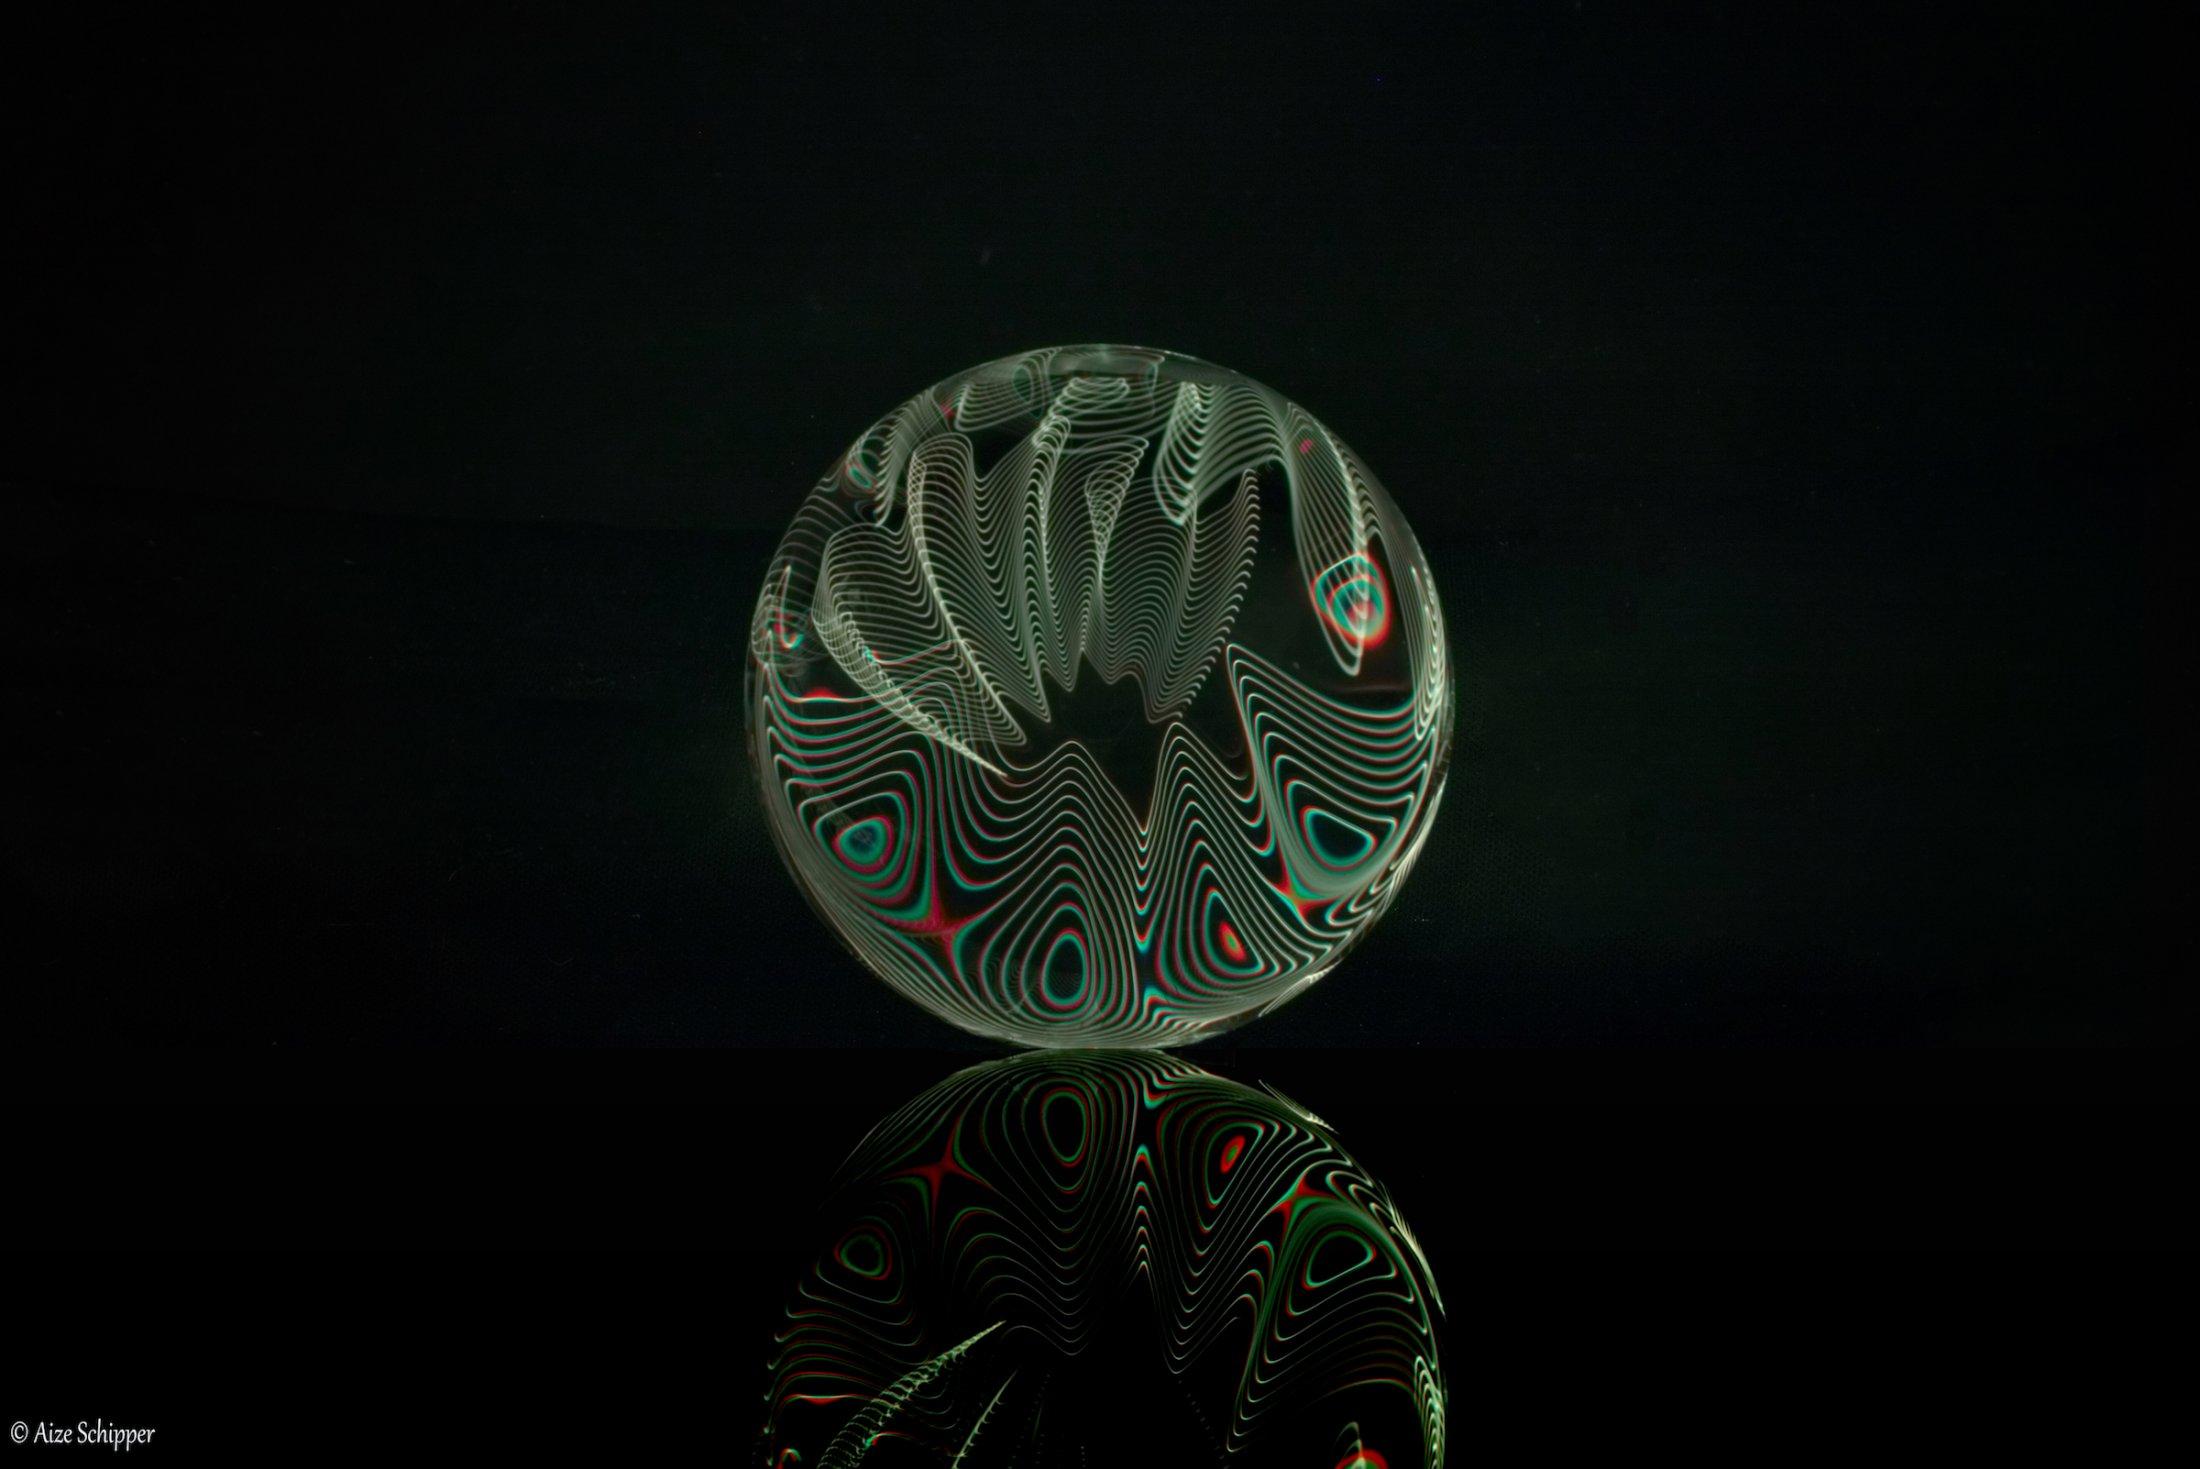 glazen bol reflect, 2018